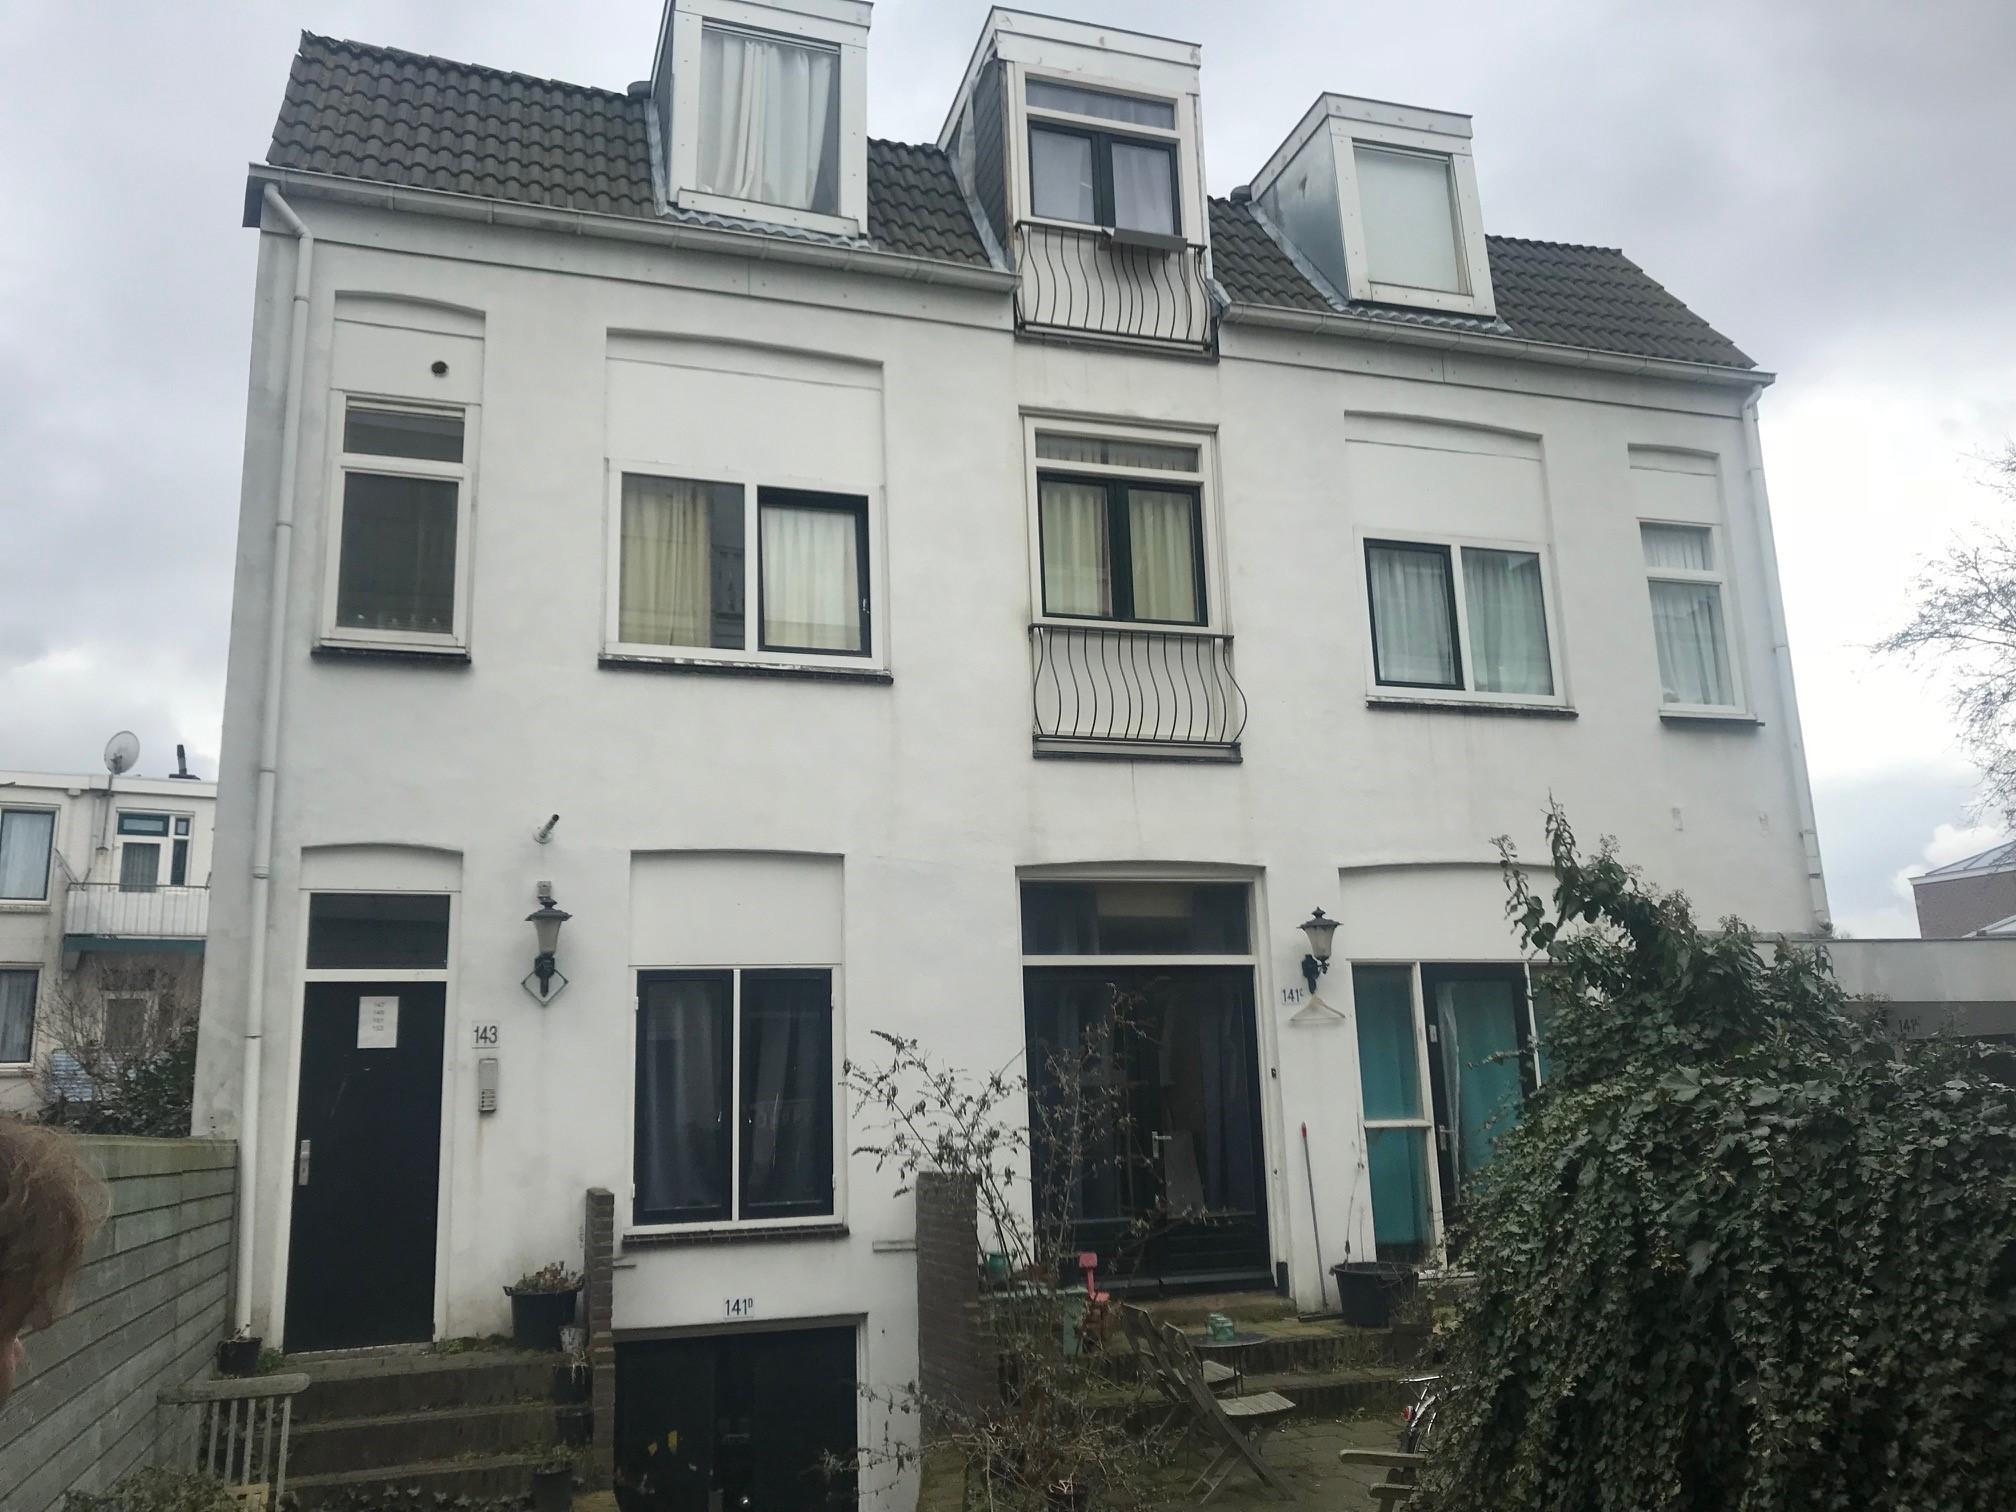 Foto van Katwijkstraat 143